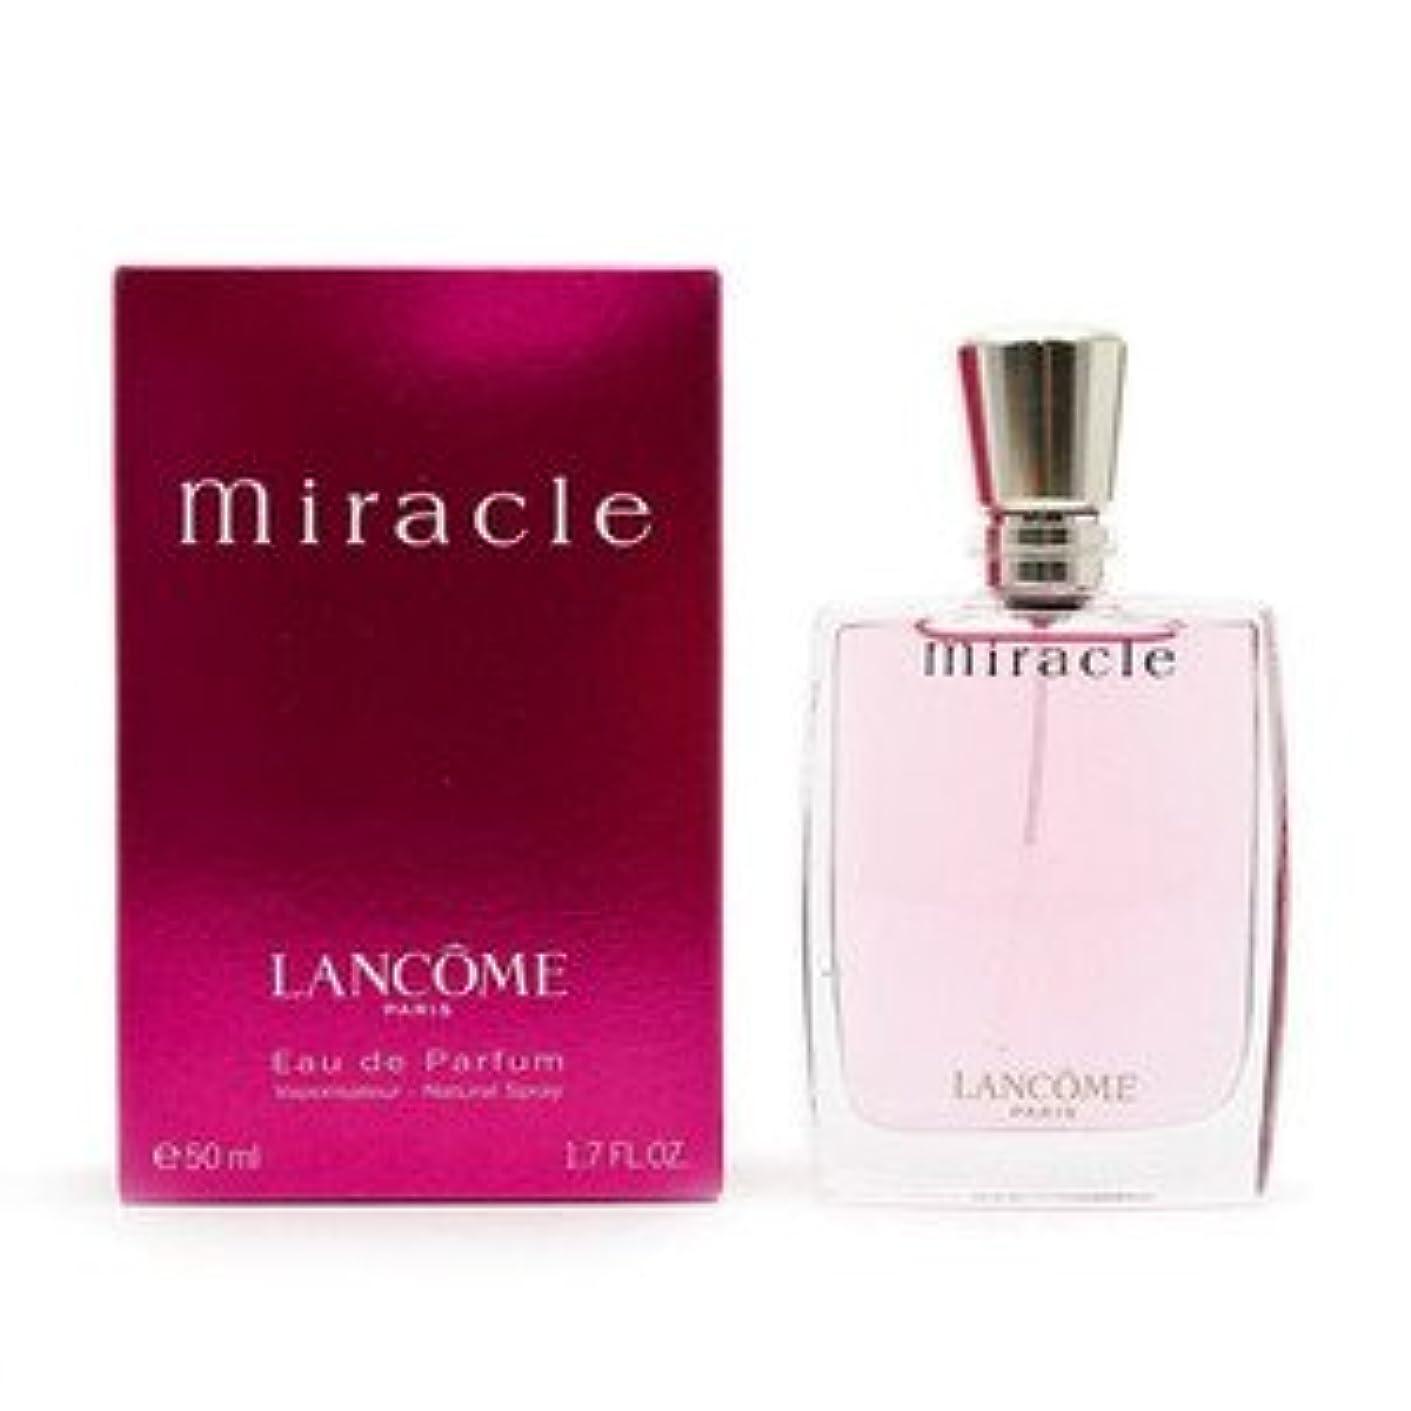 手術共和国なめらかランコム LANCOME ミラク オードパルファム EDP 50mL 香水